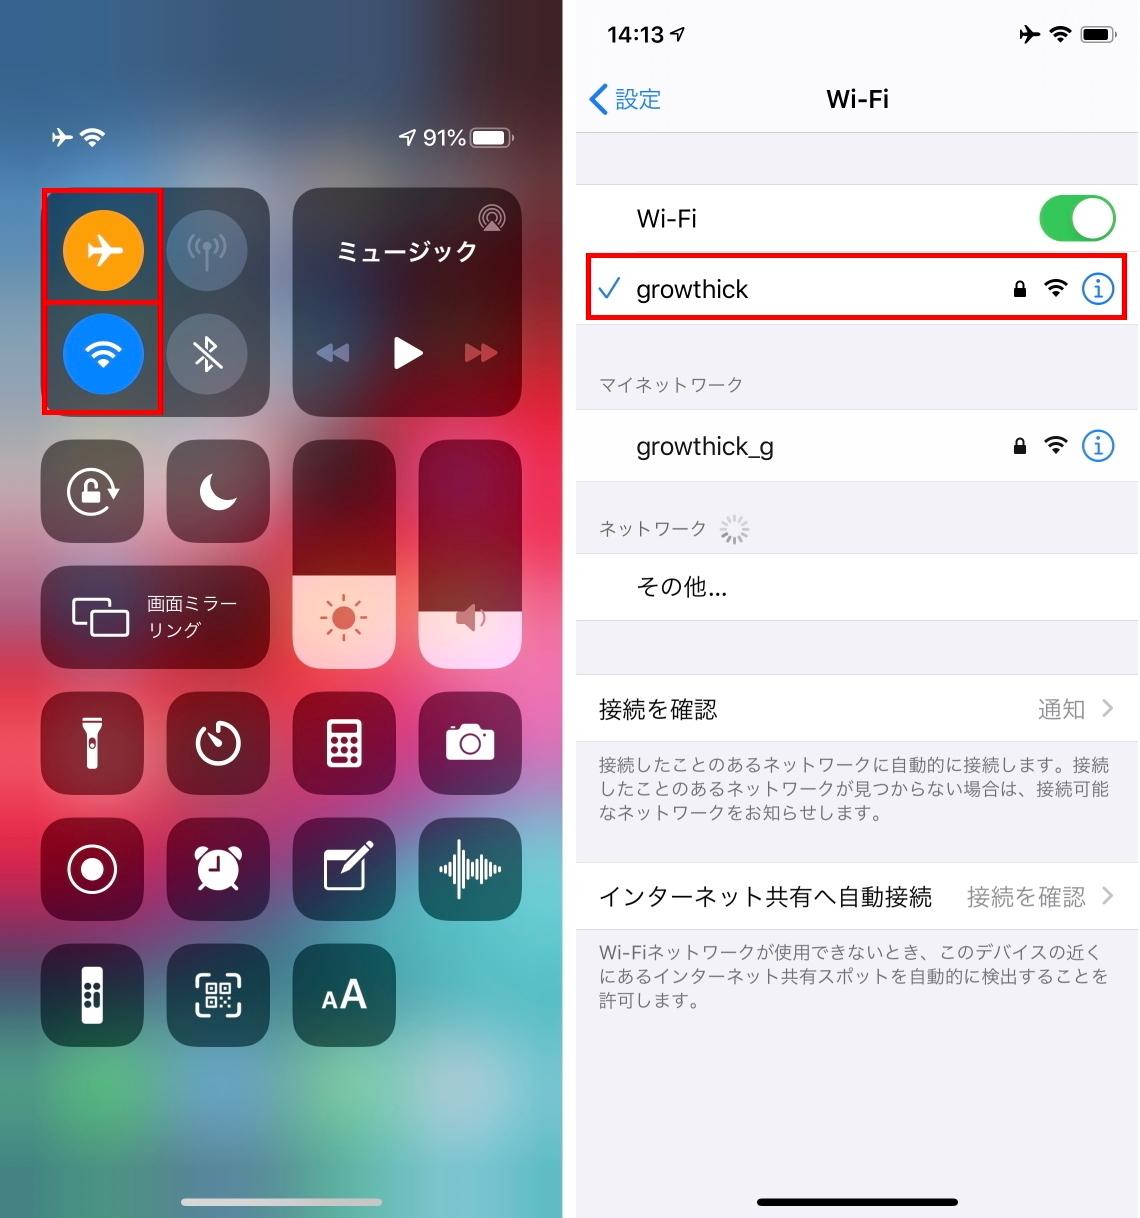 スマホでWi-Fiの接続を試す場合、モバイル通信を利用しないようにする必要がある。iPhoneの場合、コントロール センターを開いて「機内モード」のアイコンをタップ。続いてWi-Fiのアイコンをタップすれば、Wi-Fi接続だけが有効になる。次に設定アプリの「Wi-Fi」を開き、PCと同じアクセスポイントに接続する